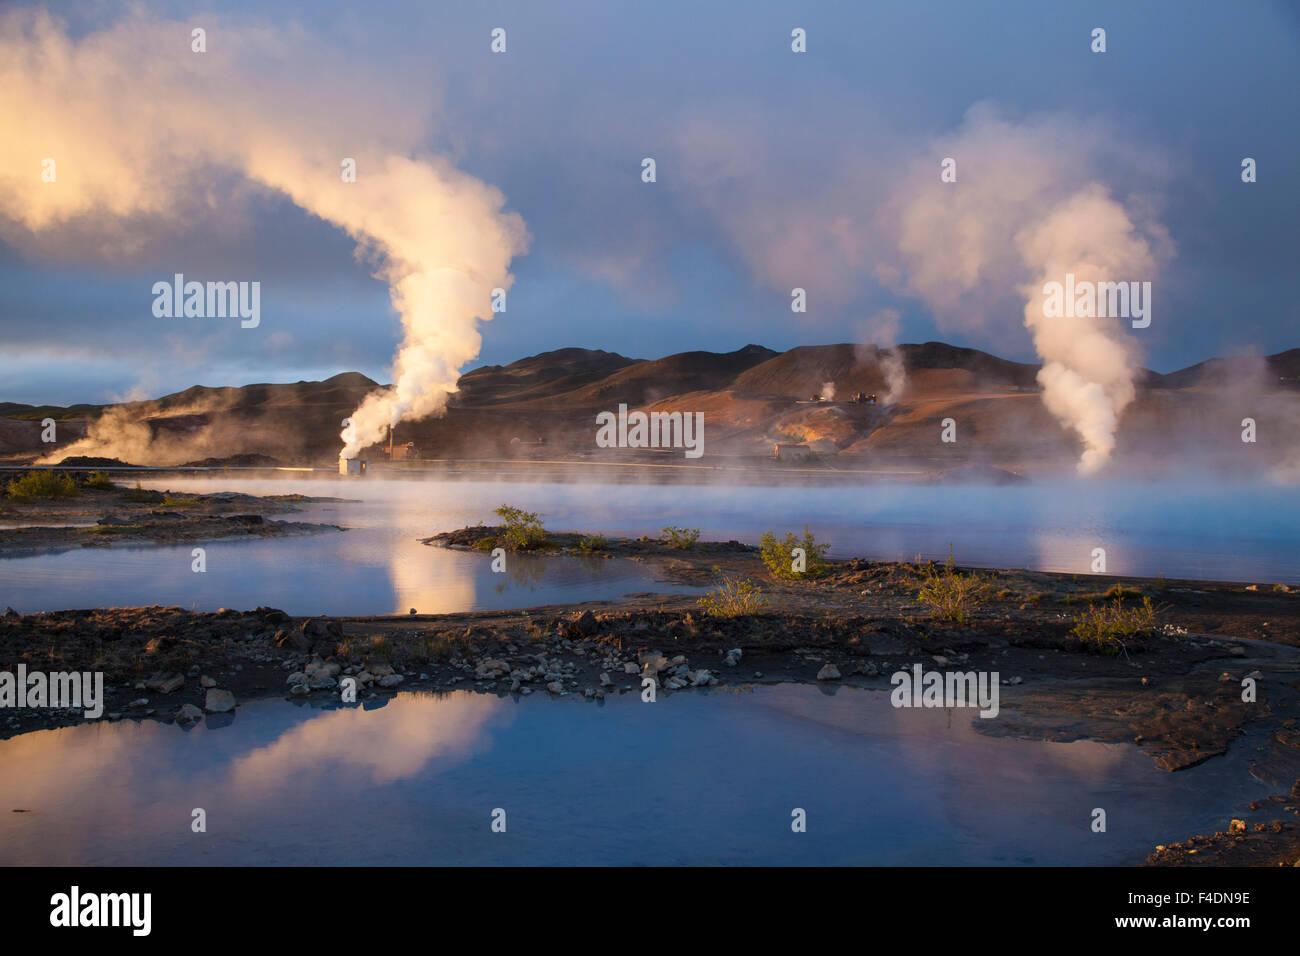 Abendlicht über Bjarnarflag geothermischen Kraftwerk, Myvatn, Nordhurland Eystra, Island. Stockbild